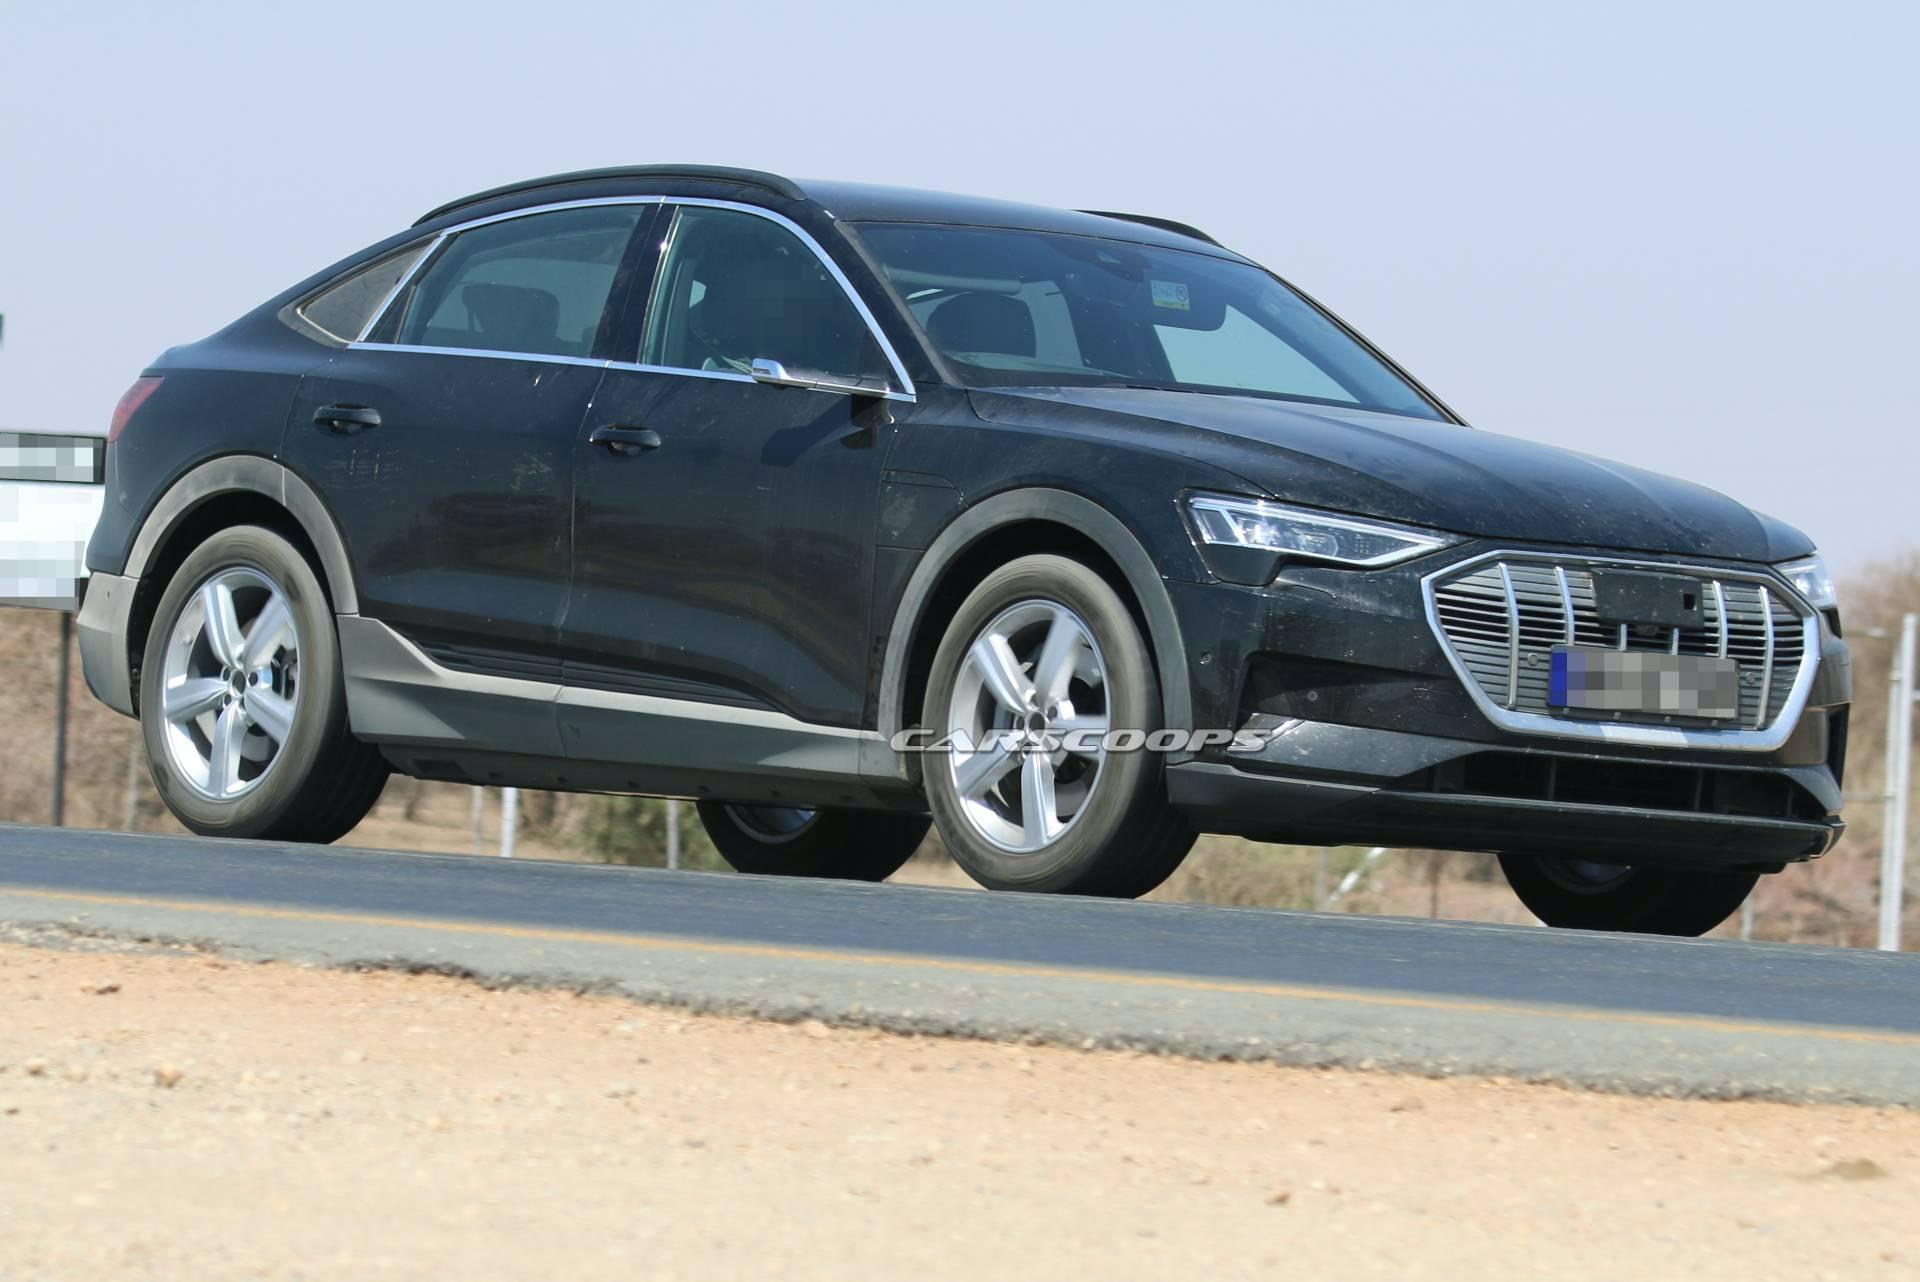 Внешность электрического Audi e-tron Sportback теперь не является секретом. Фотошпионам удалось поймать купе-кроссовер без камуфляжной пленки во время финальных испытаний.